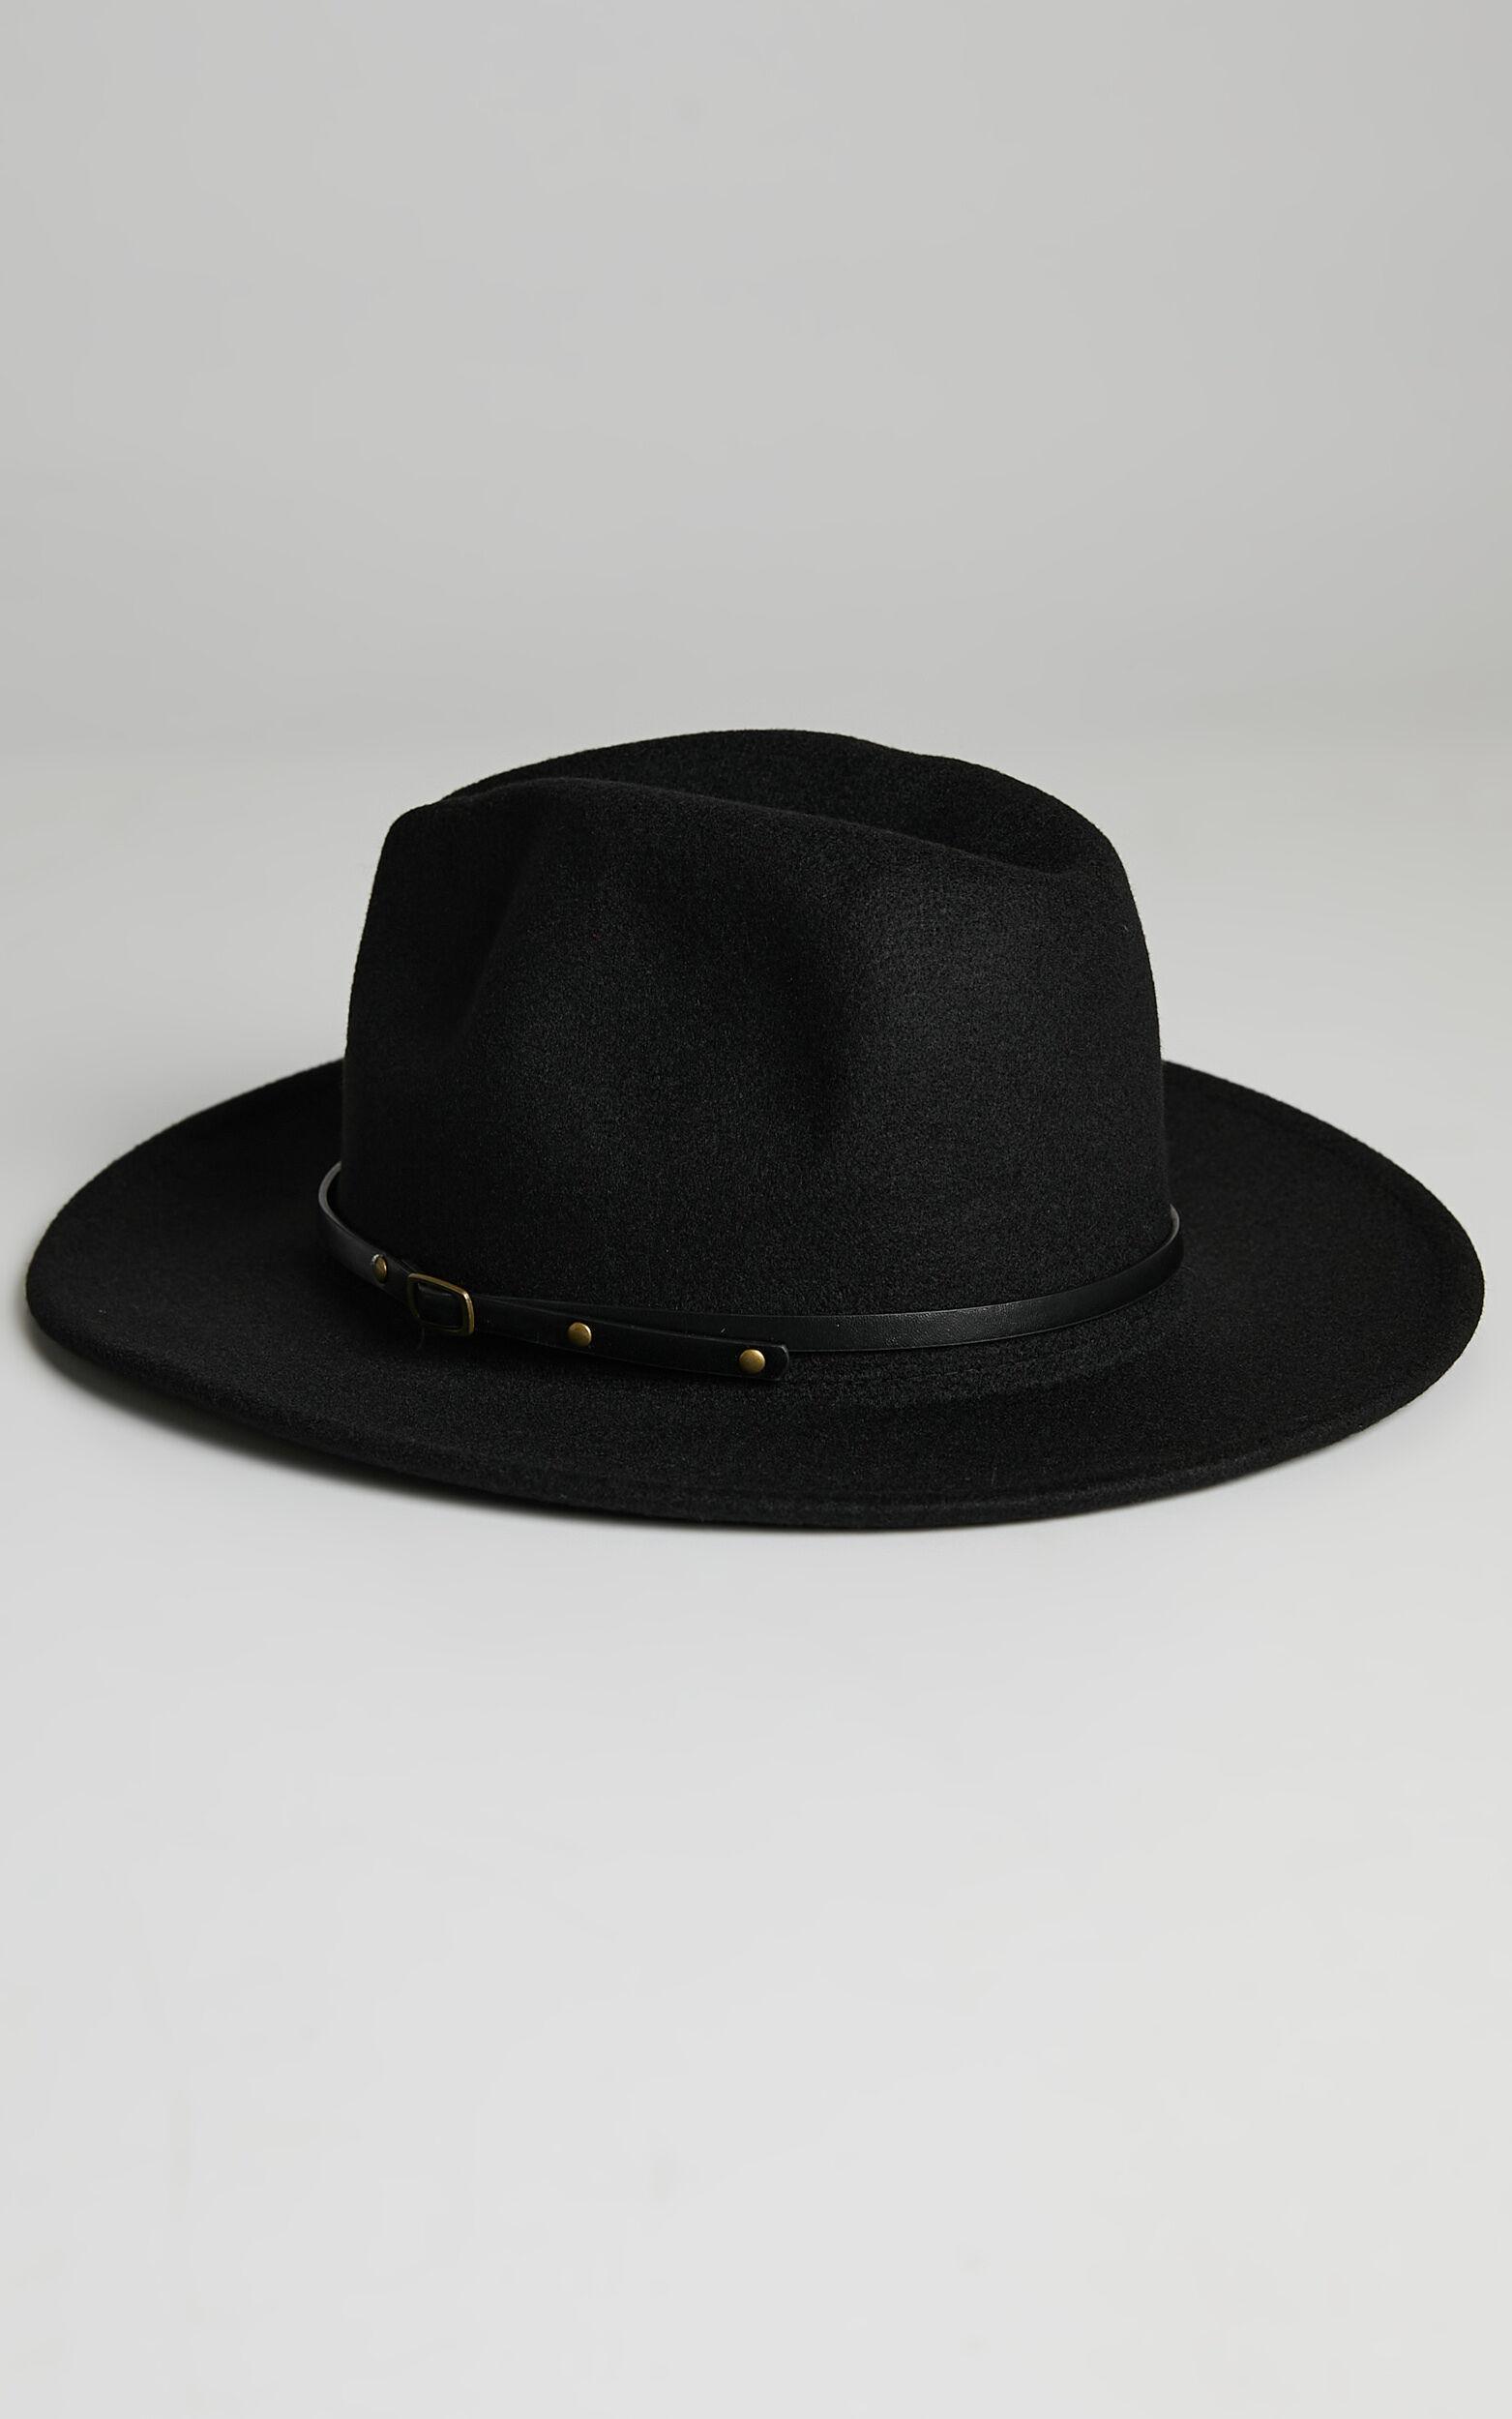 No Brainer Hat in Black, BLK1, super-hi-res image number null